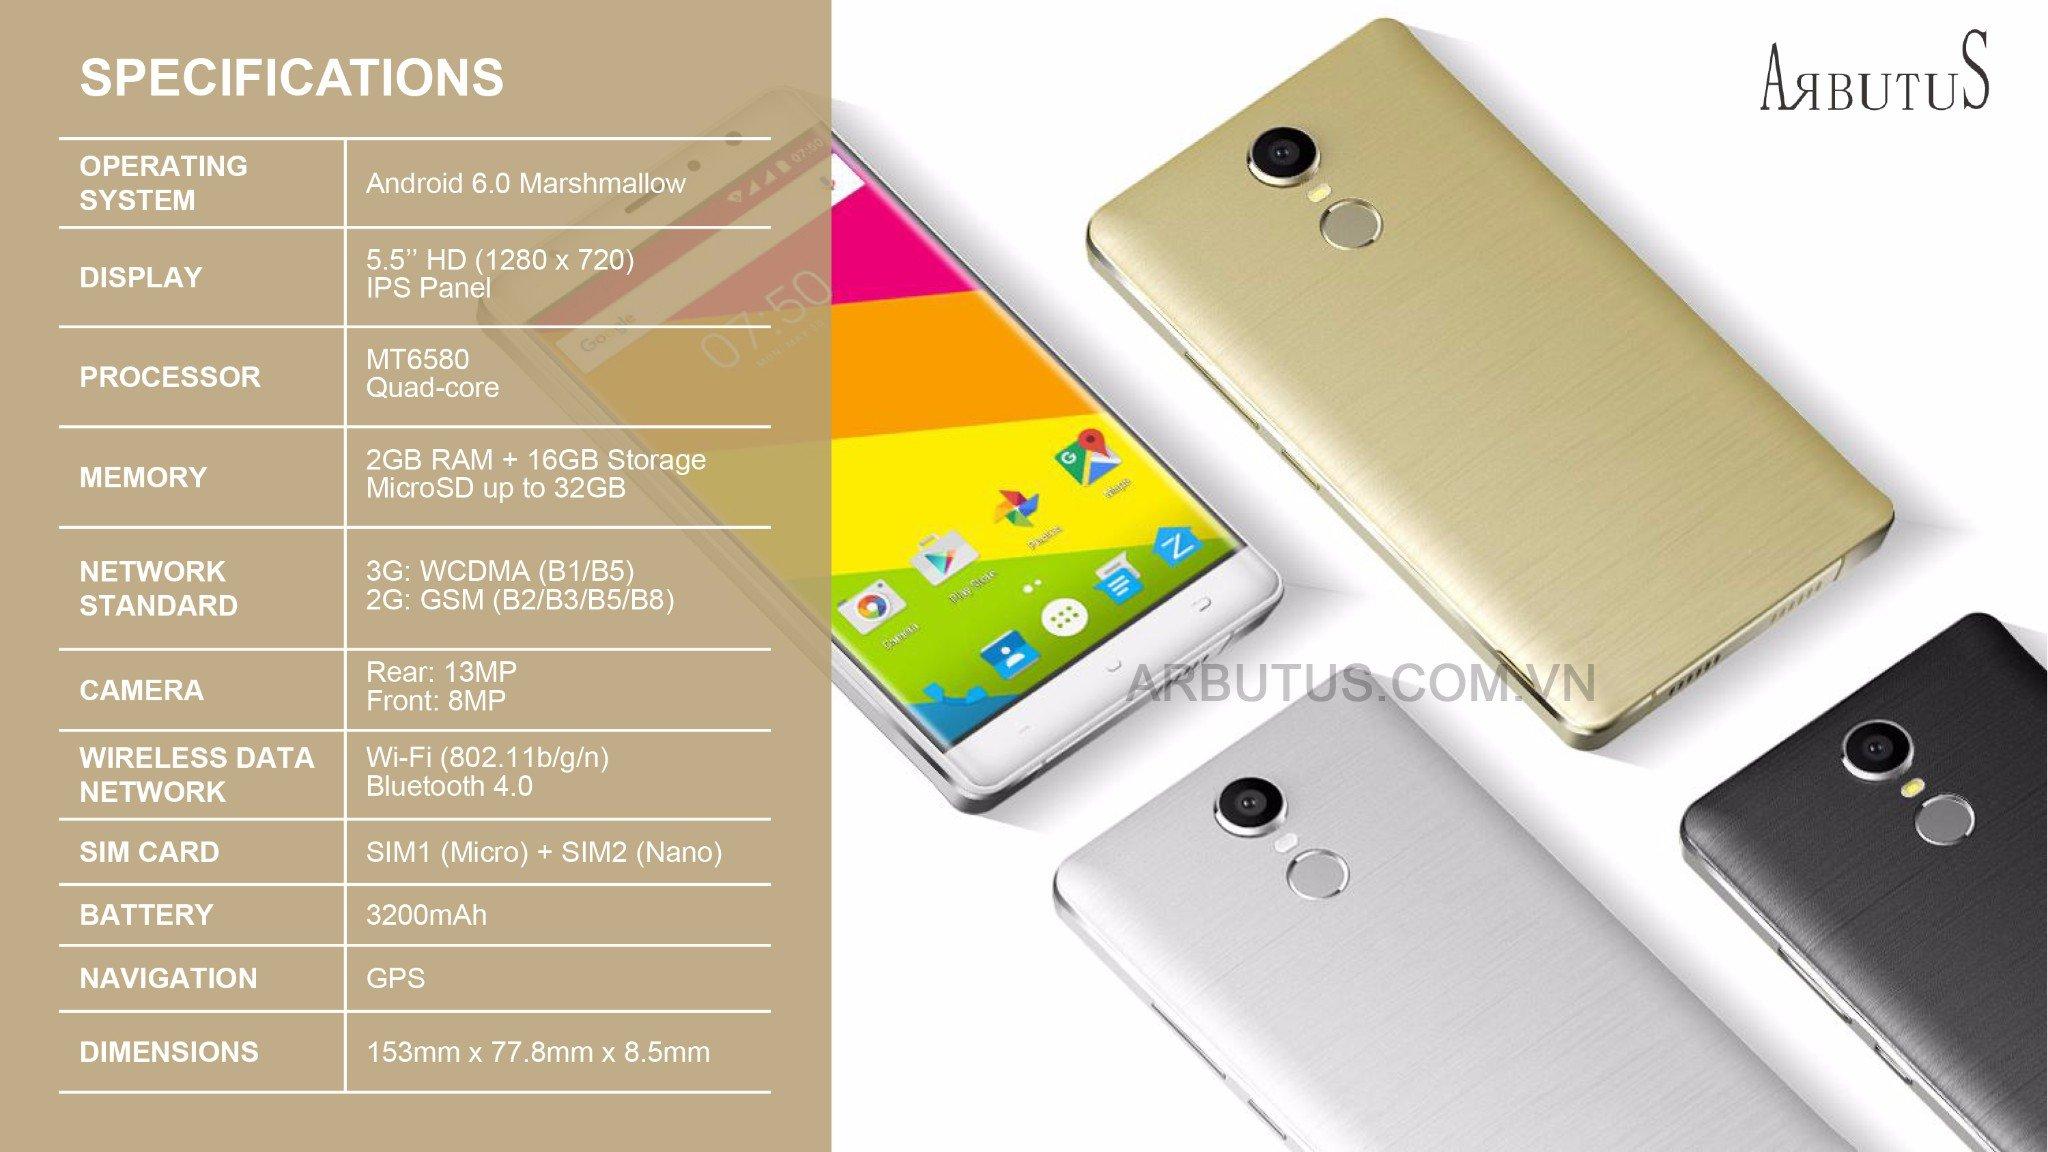 arbutus ar3 plus chính hãng bán lẻ giá sỉ cực rẻ tại www.smartphonestore.vn - 17